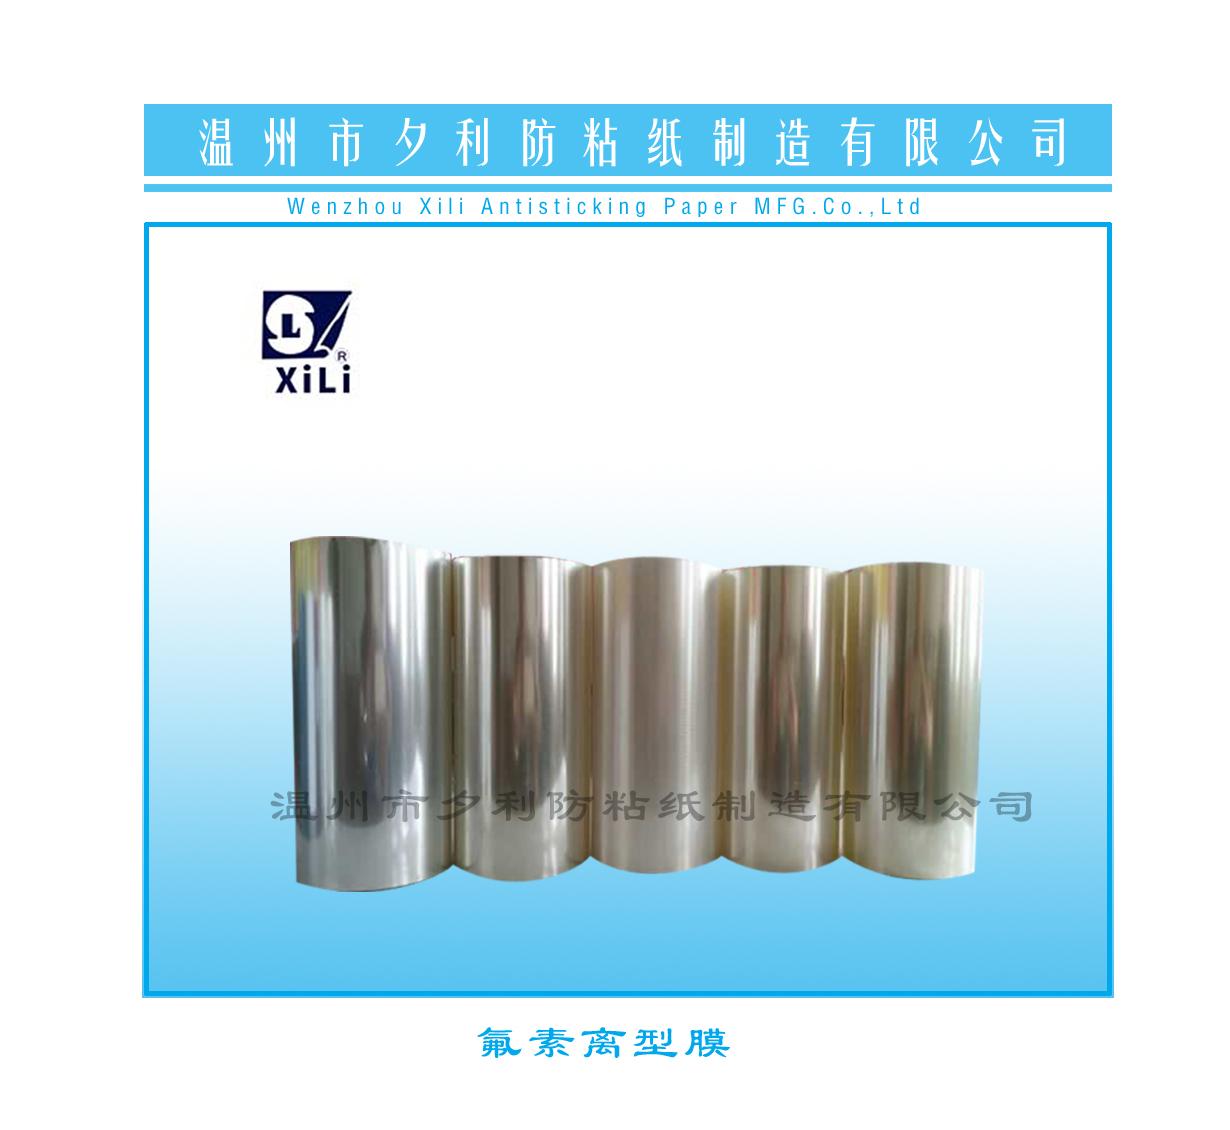 透明单双面氟素离型膜 防水防静电隔离膜 贴合模切离型膜生产加工